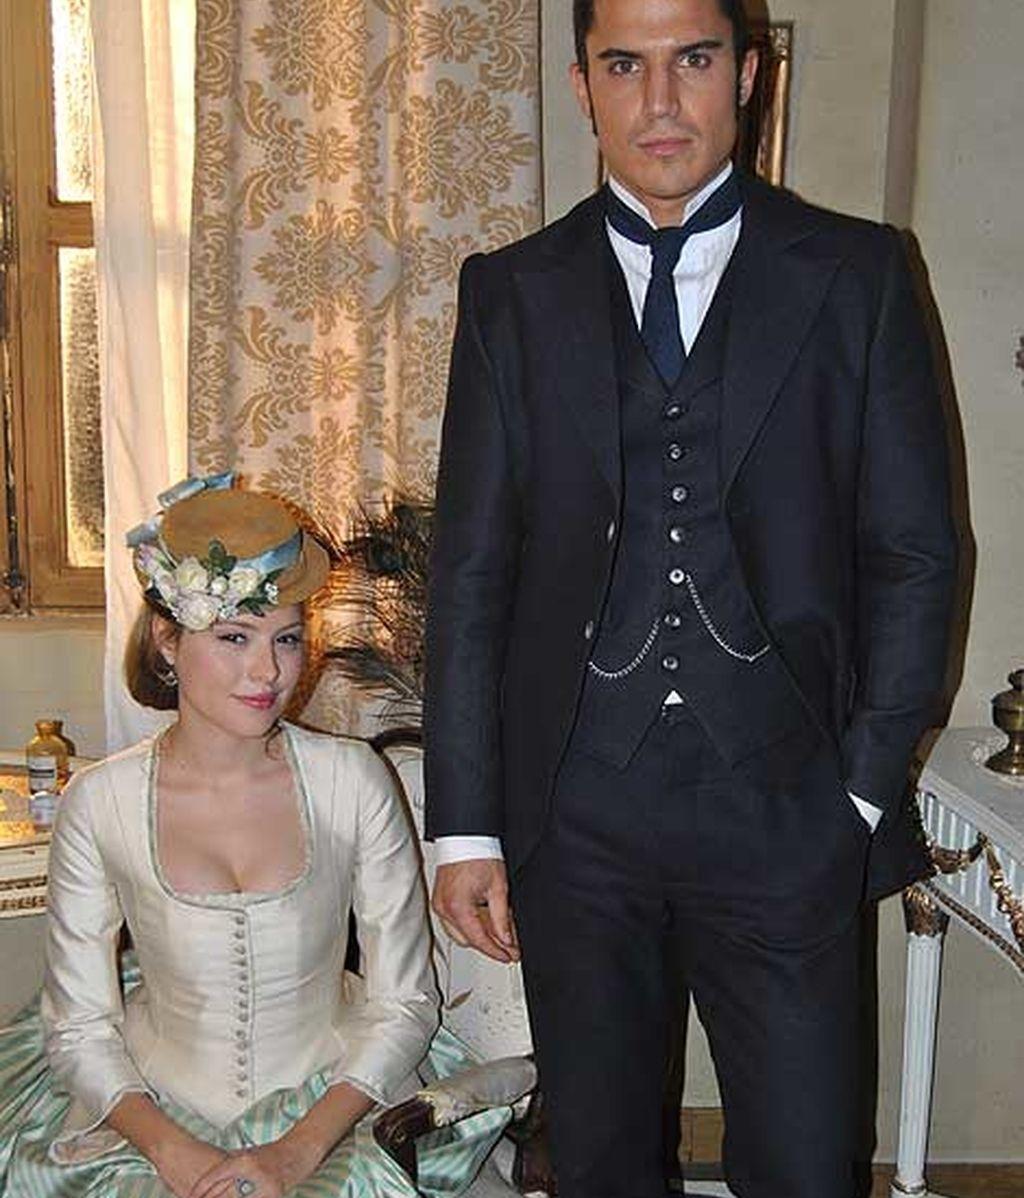 El próximo martes 19 de noviembre, los dos actores se incorporarán a la serie